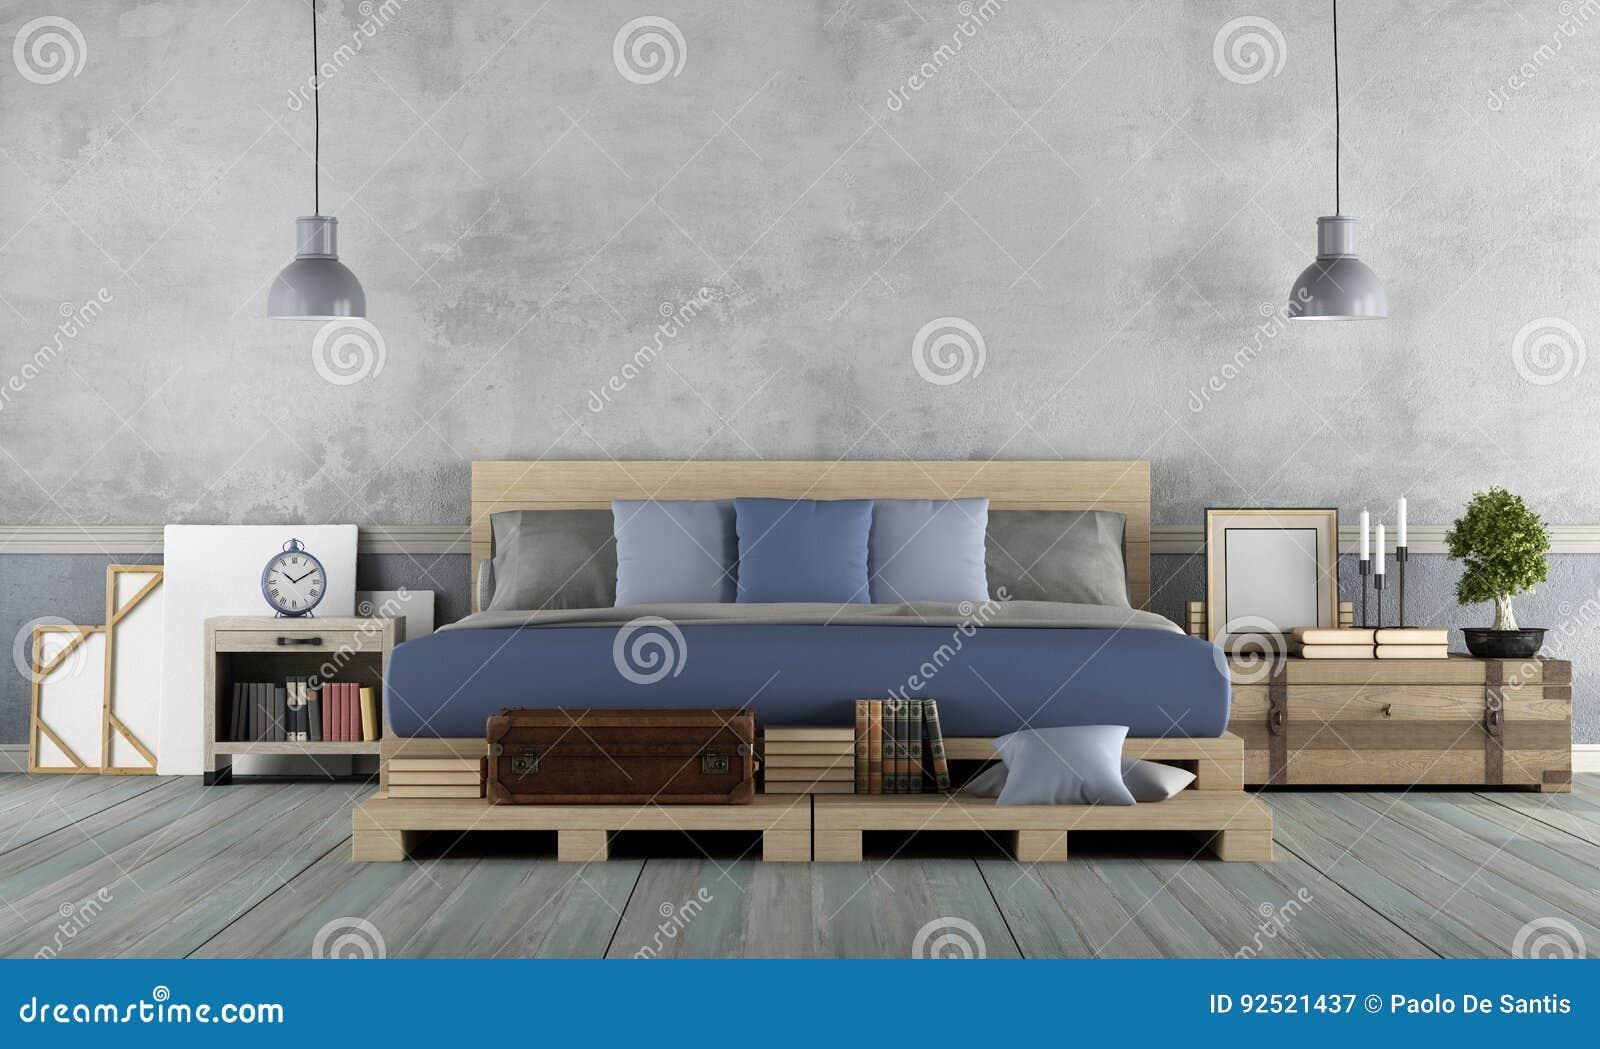 Dormitorios De Matrimonio Estilo Rustico : Dormitorio principal en estilo rústico stock de ilustración